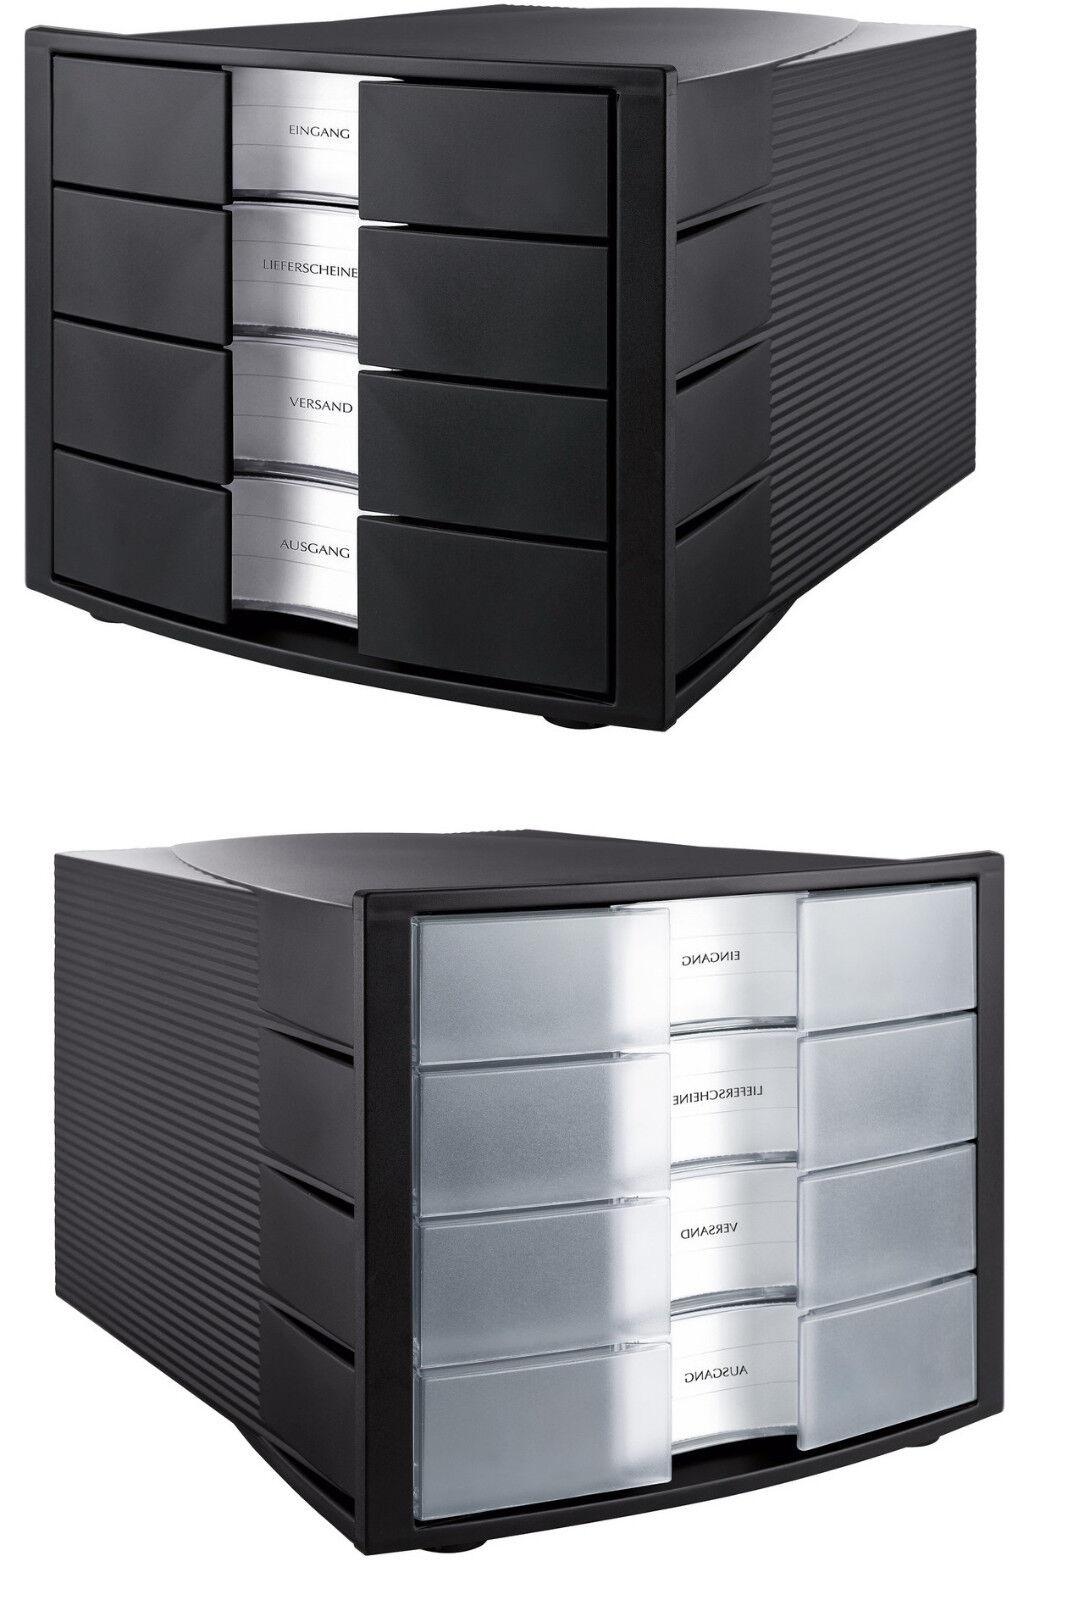 han schubladenbox impuls mit 4 schubladen ordnung ablage ebay. Black Bedroom Furniture Sets. Home Design Ideas